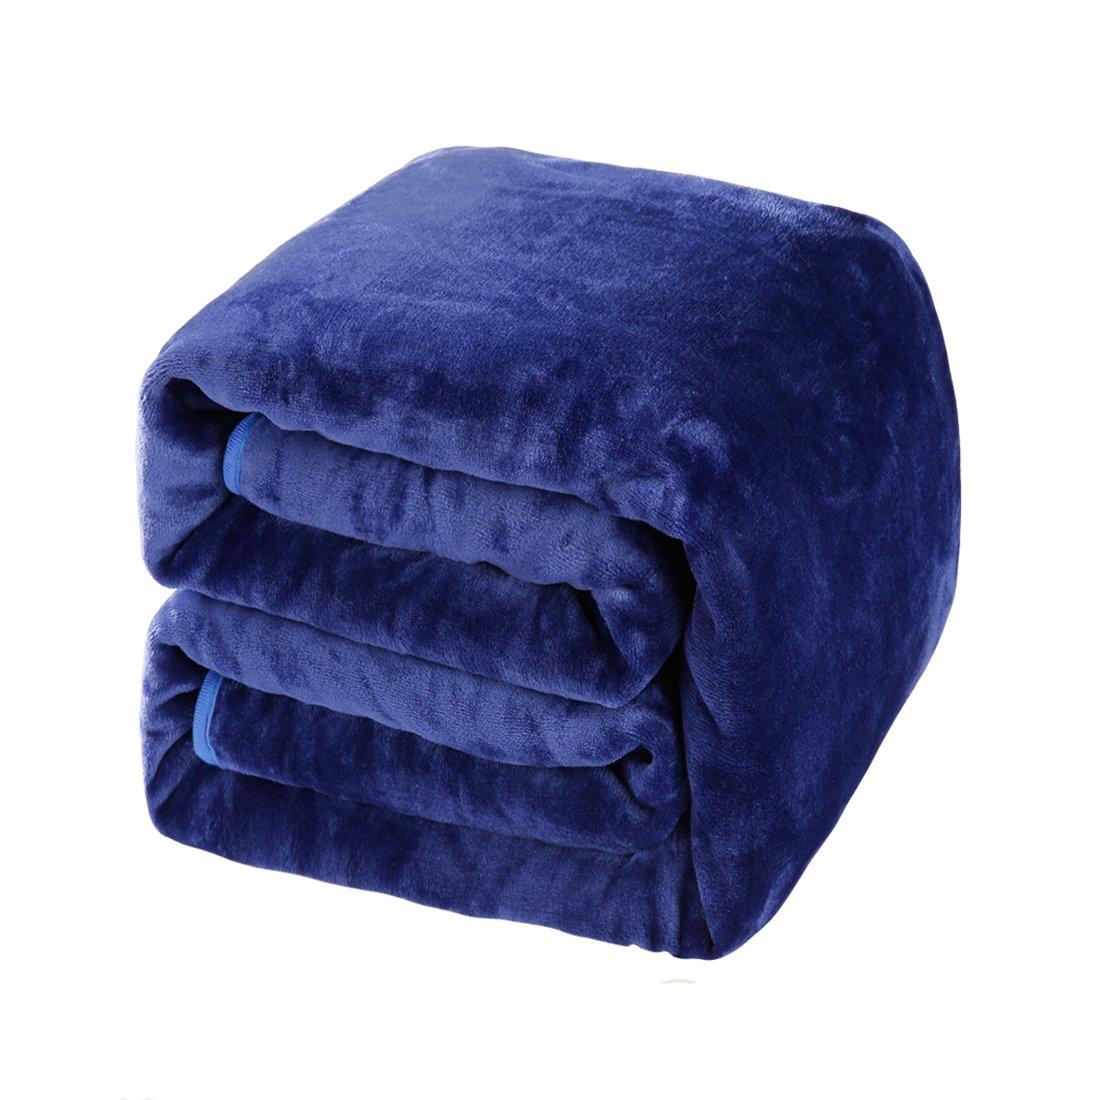 Balichun Luxury 330 GSM Fleece Blanket Super Soft Warm Fuzzy Lightweight Bed or Couch Blanket Twin/Queen/King Size(Travel,Dark Blue)